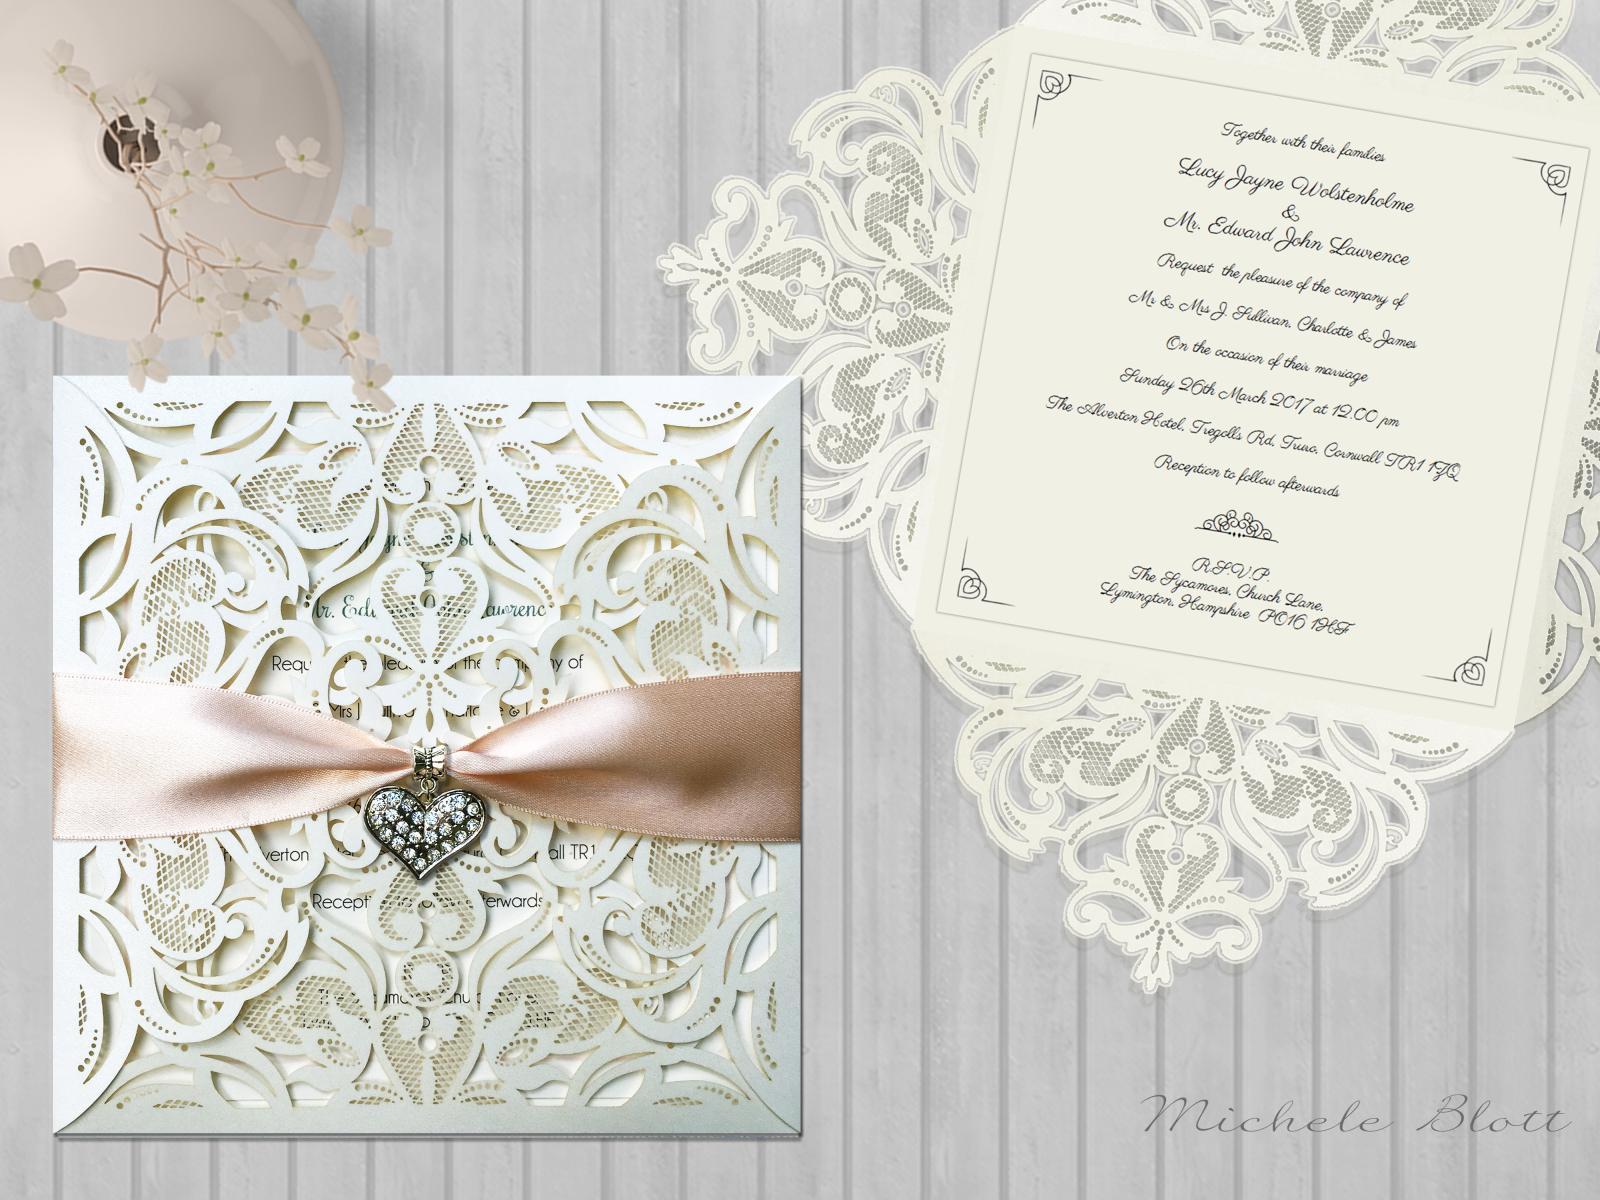 laser_cut_wedding_pocket_wallet_FREE_wedding_invite_2mb.jpg